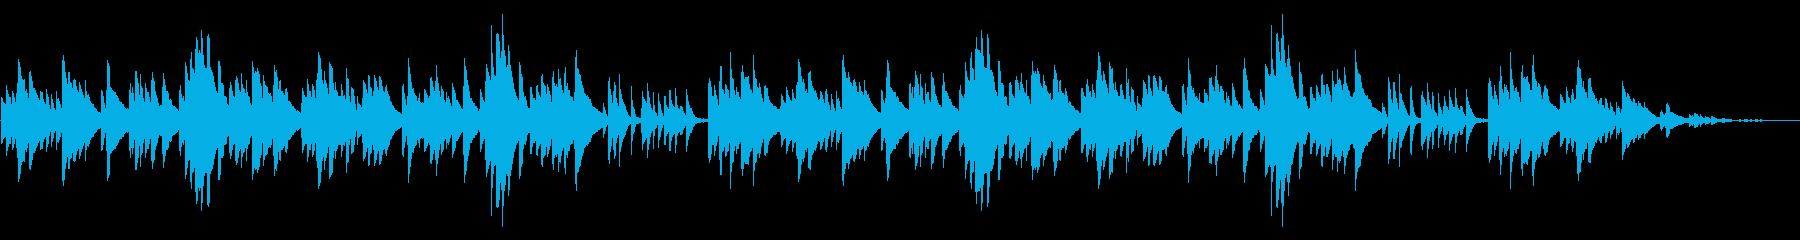 山田耕筰「この道」シンプルなピアノソロの再生済みの波形